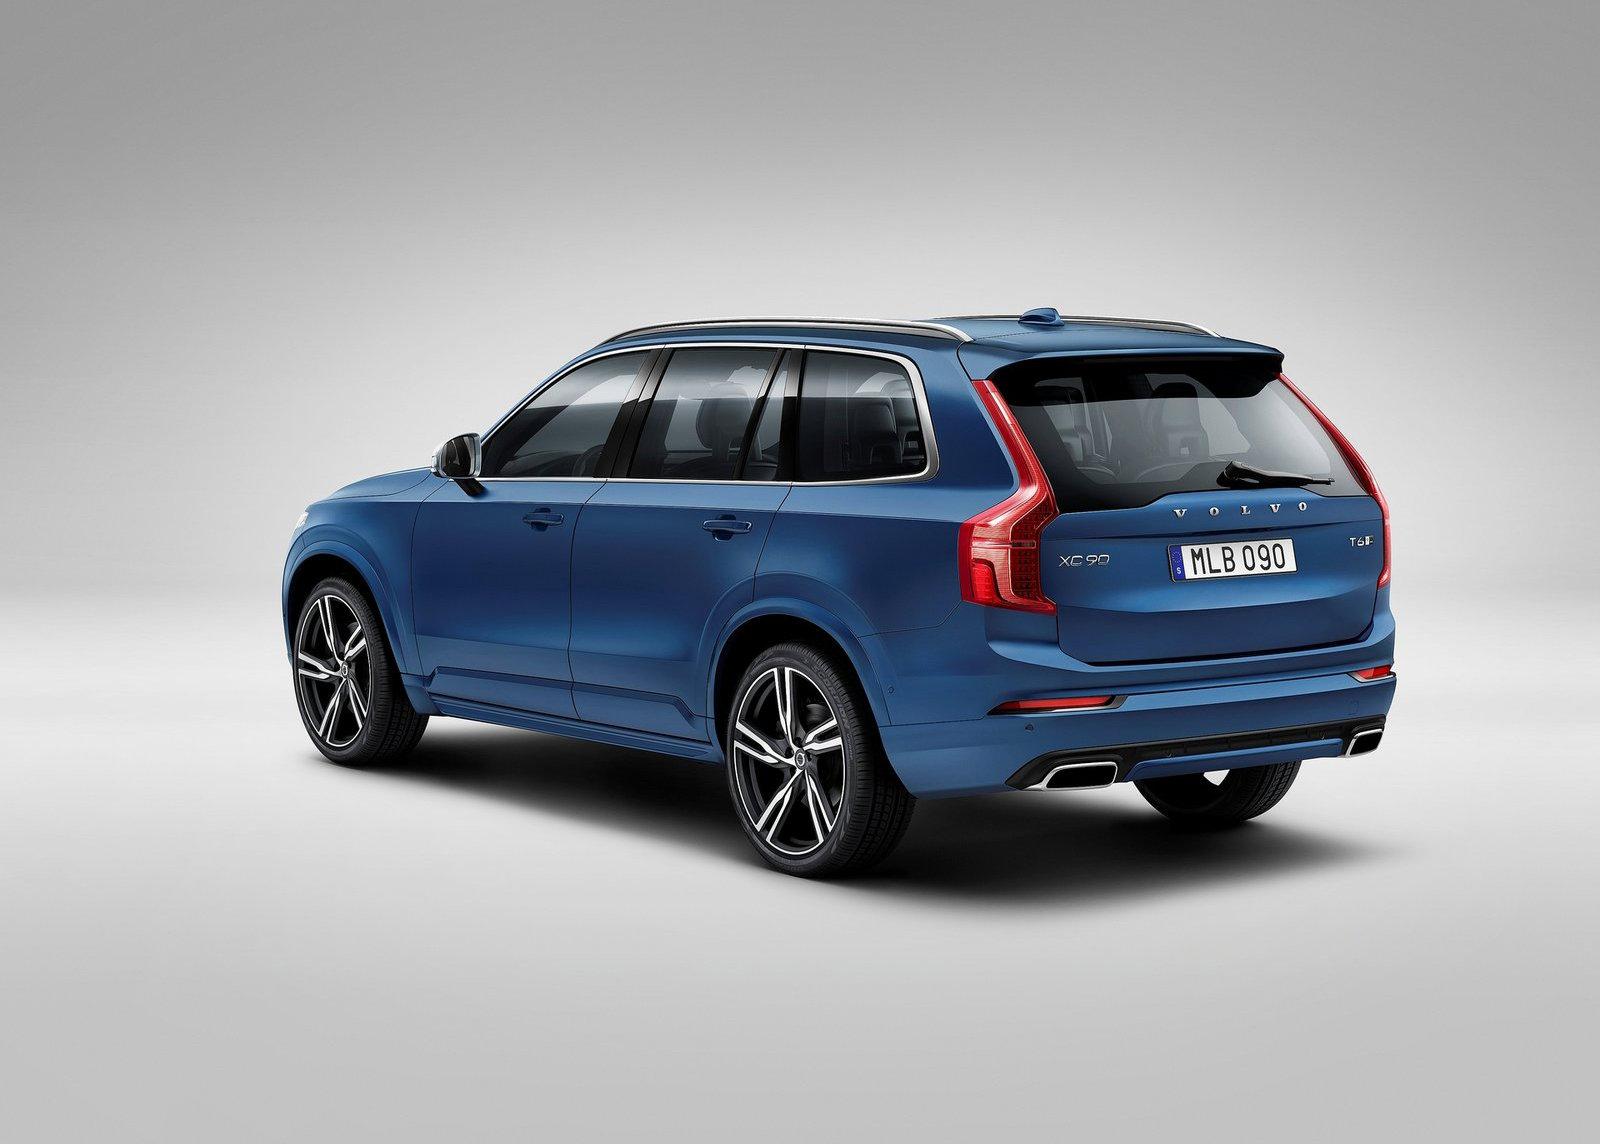 Volvo xc90 2015 price